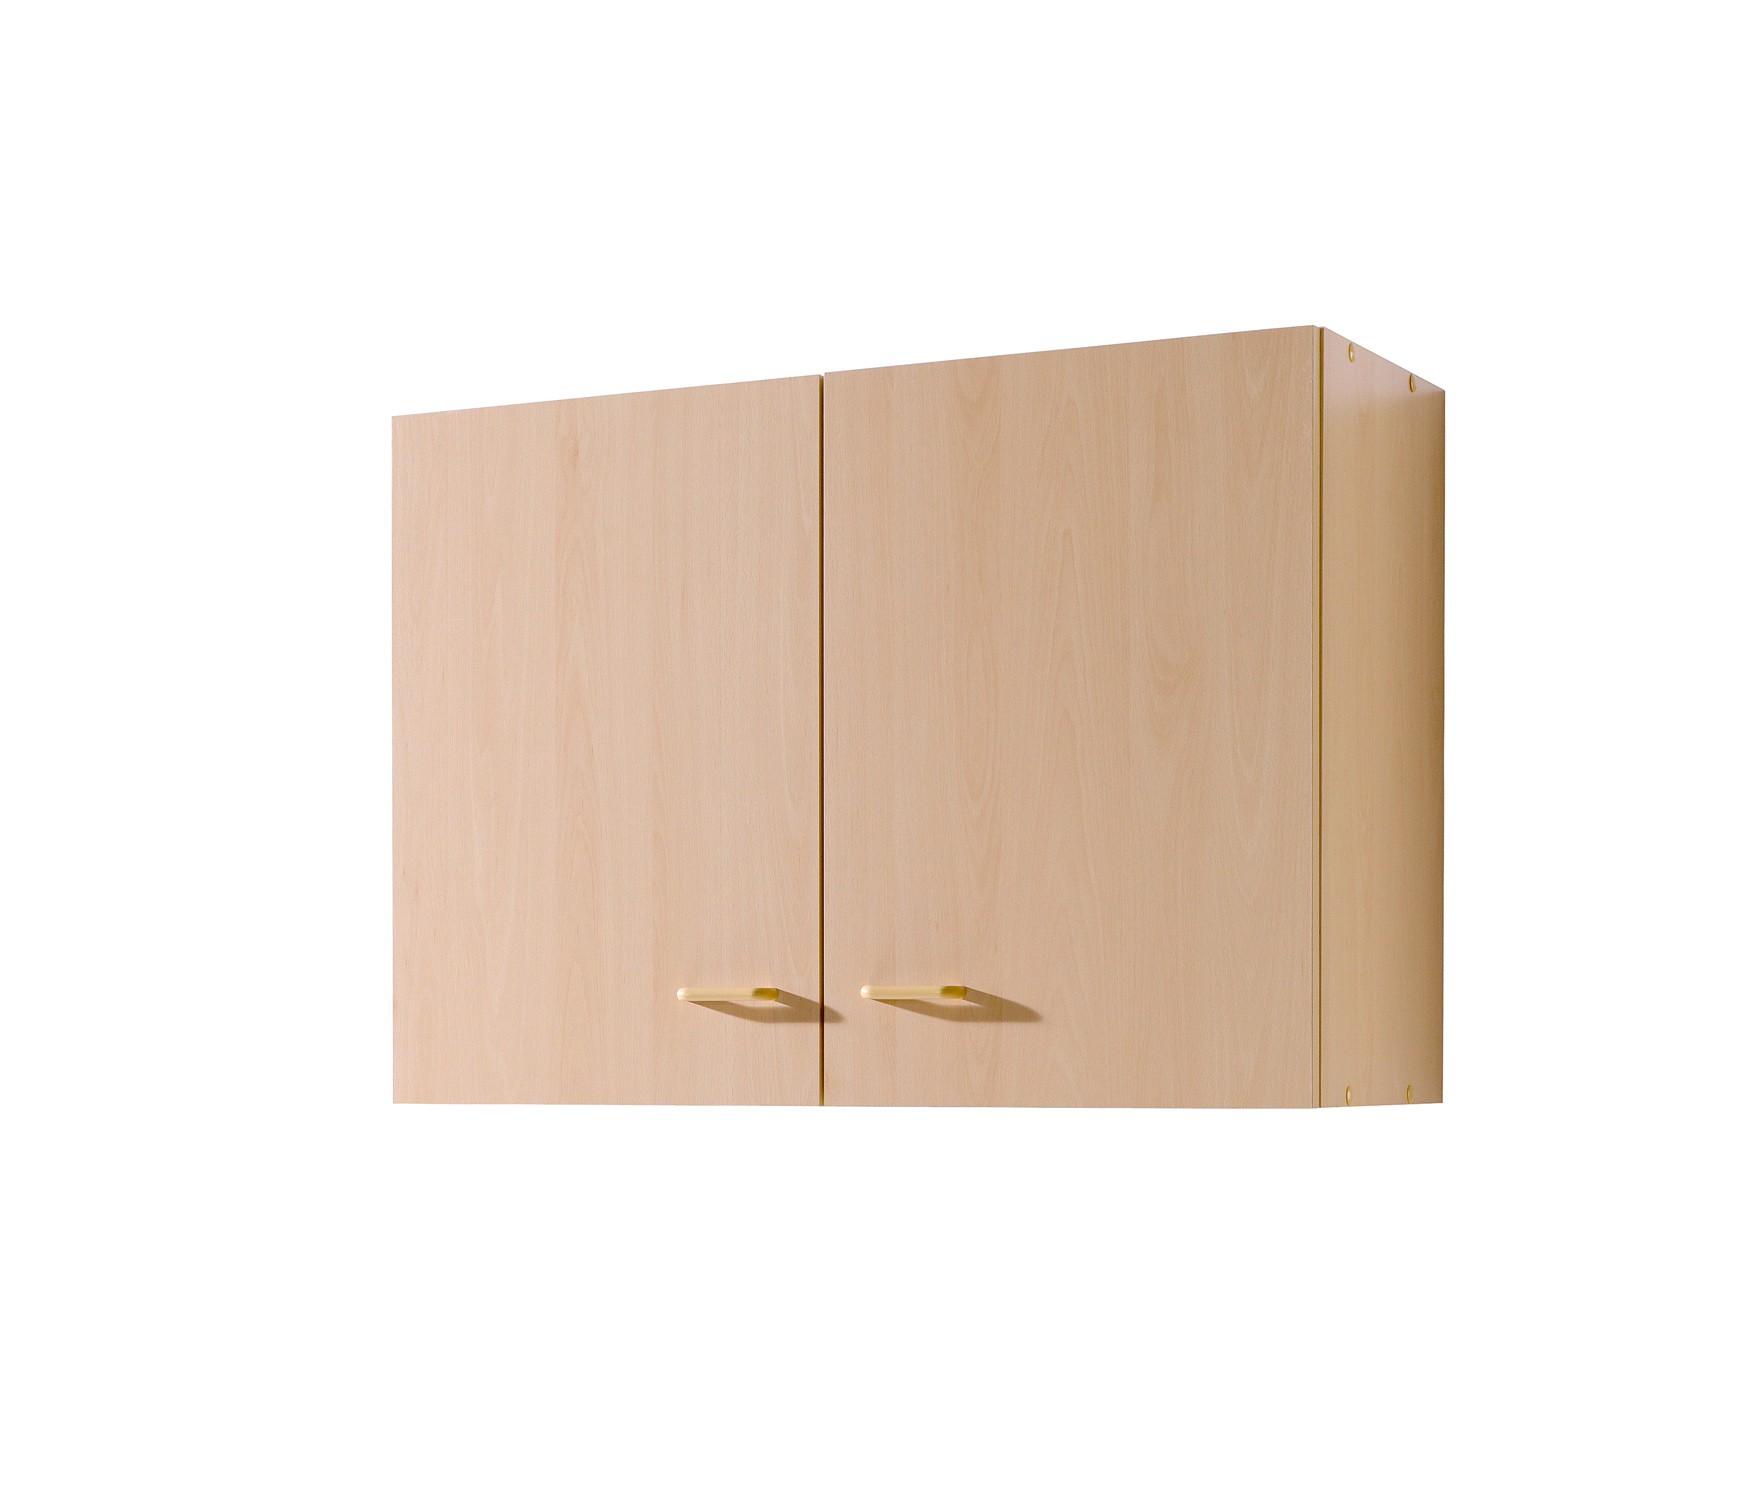 k chen h ngeschrank m nster mehrzweck k chenschrank. Black Bedroom Furniture Sets. Home Design Ideas